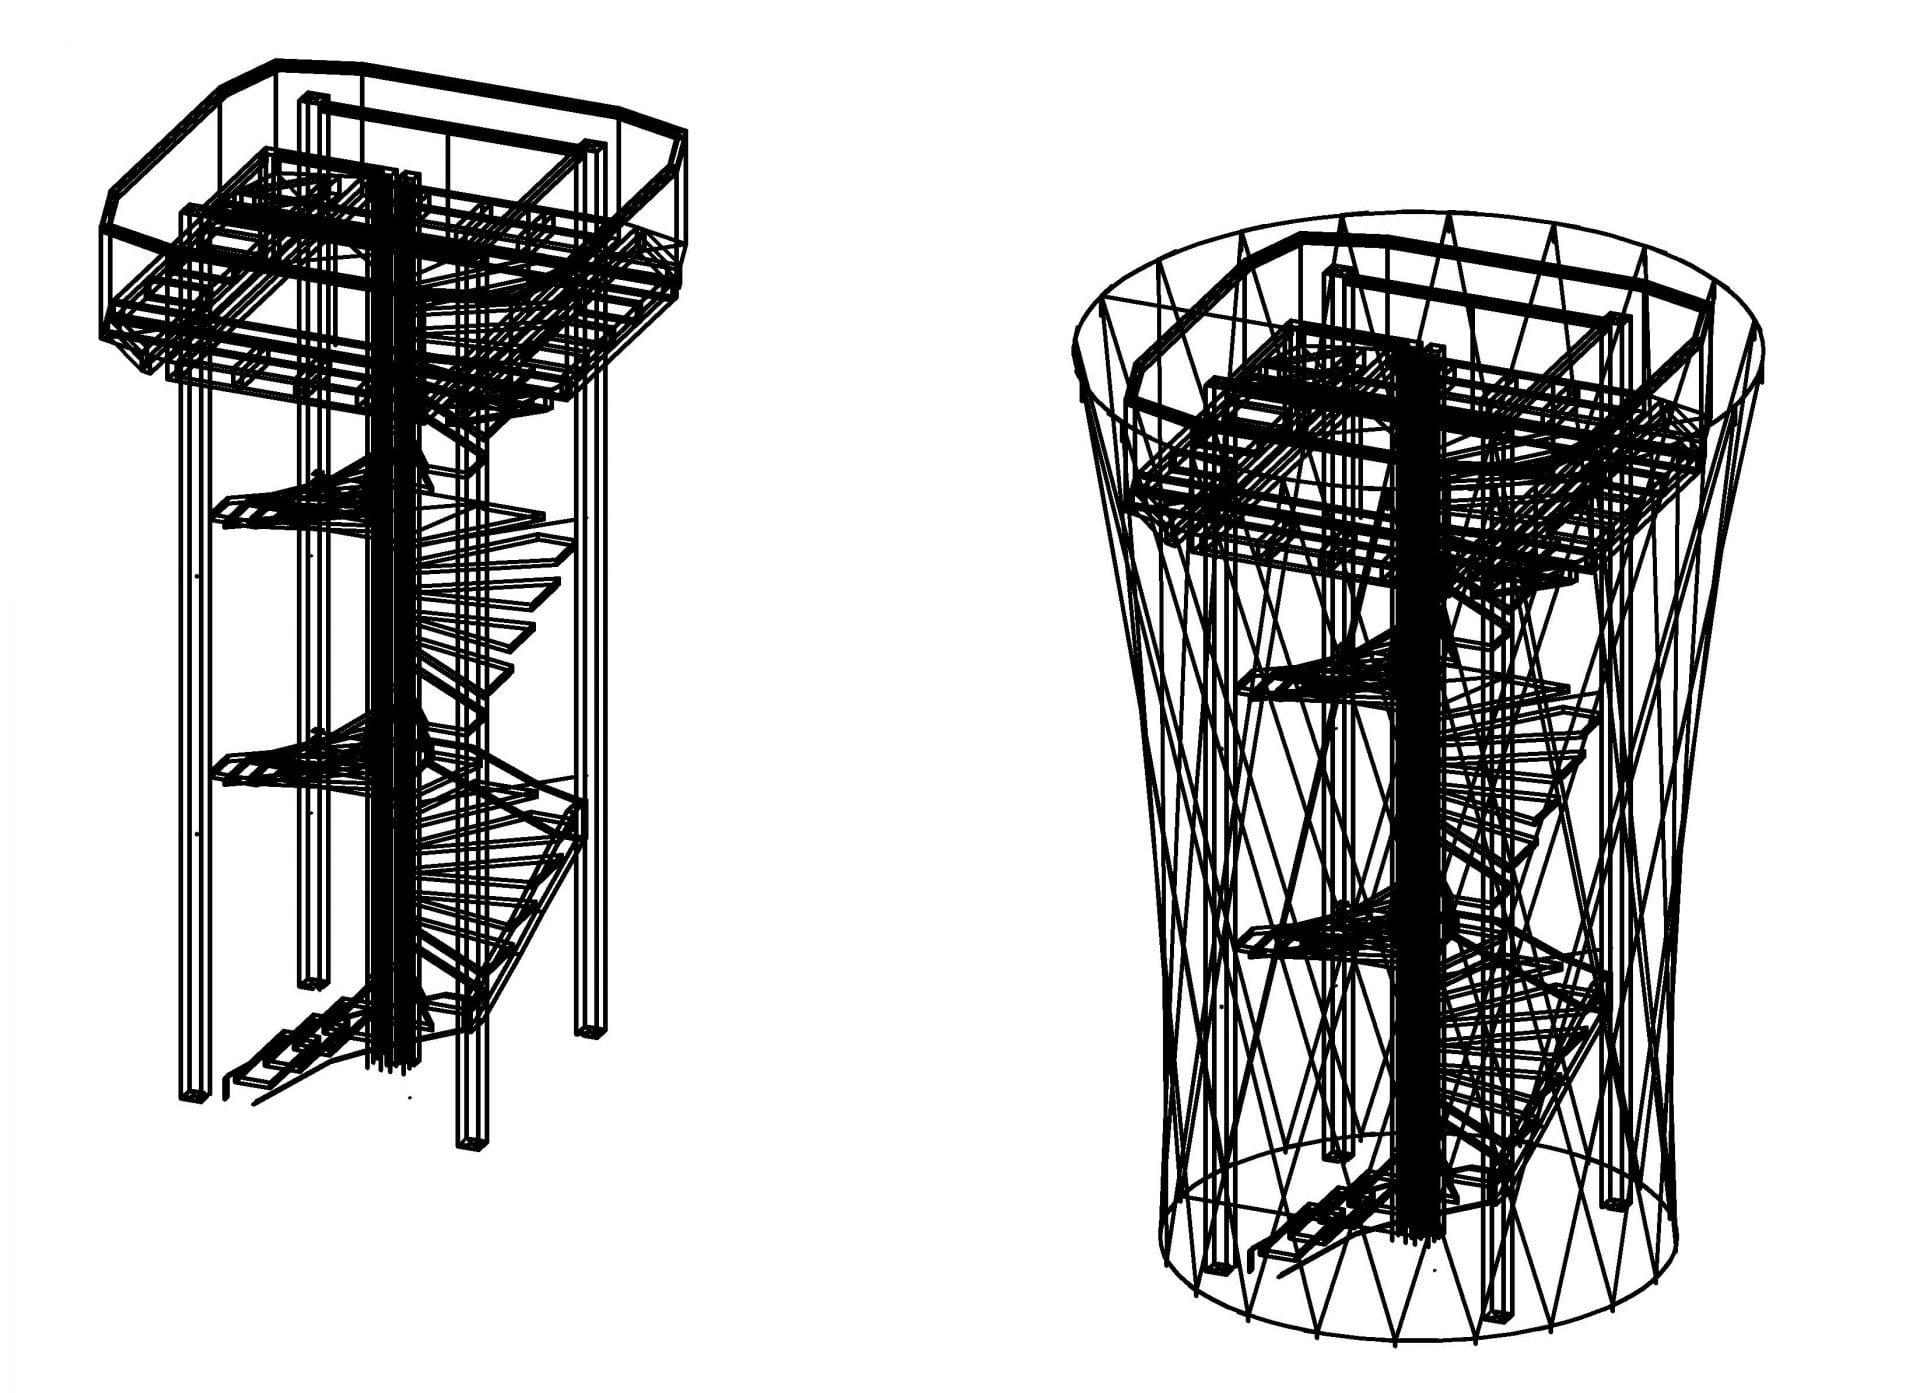 zeichnung-turm-entwurf-1_treppe-3ddwg-Model1